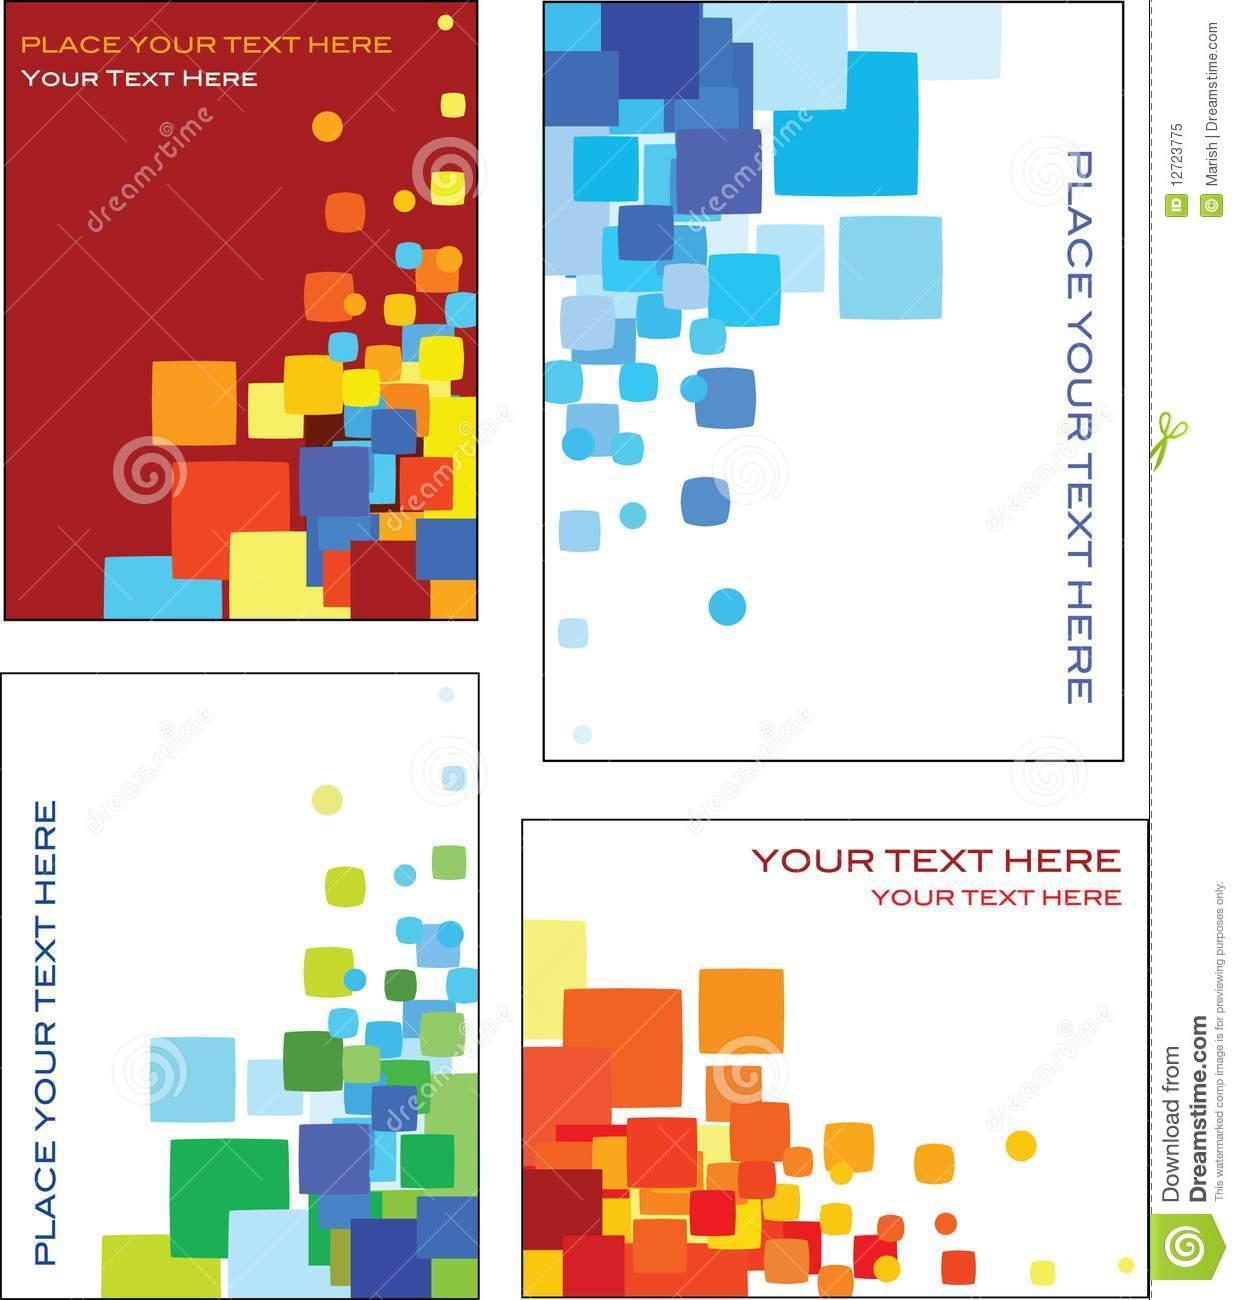 Unusual business cards design templates ideas business card ideas 15 colorful business cards templates images colorful business card flashek Images